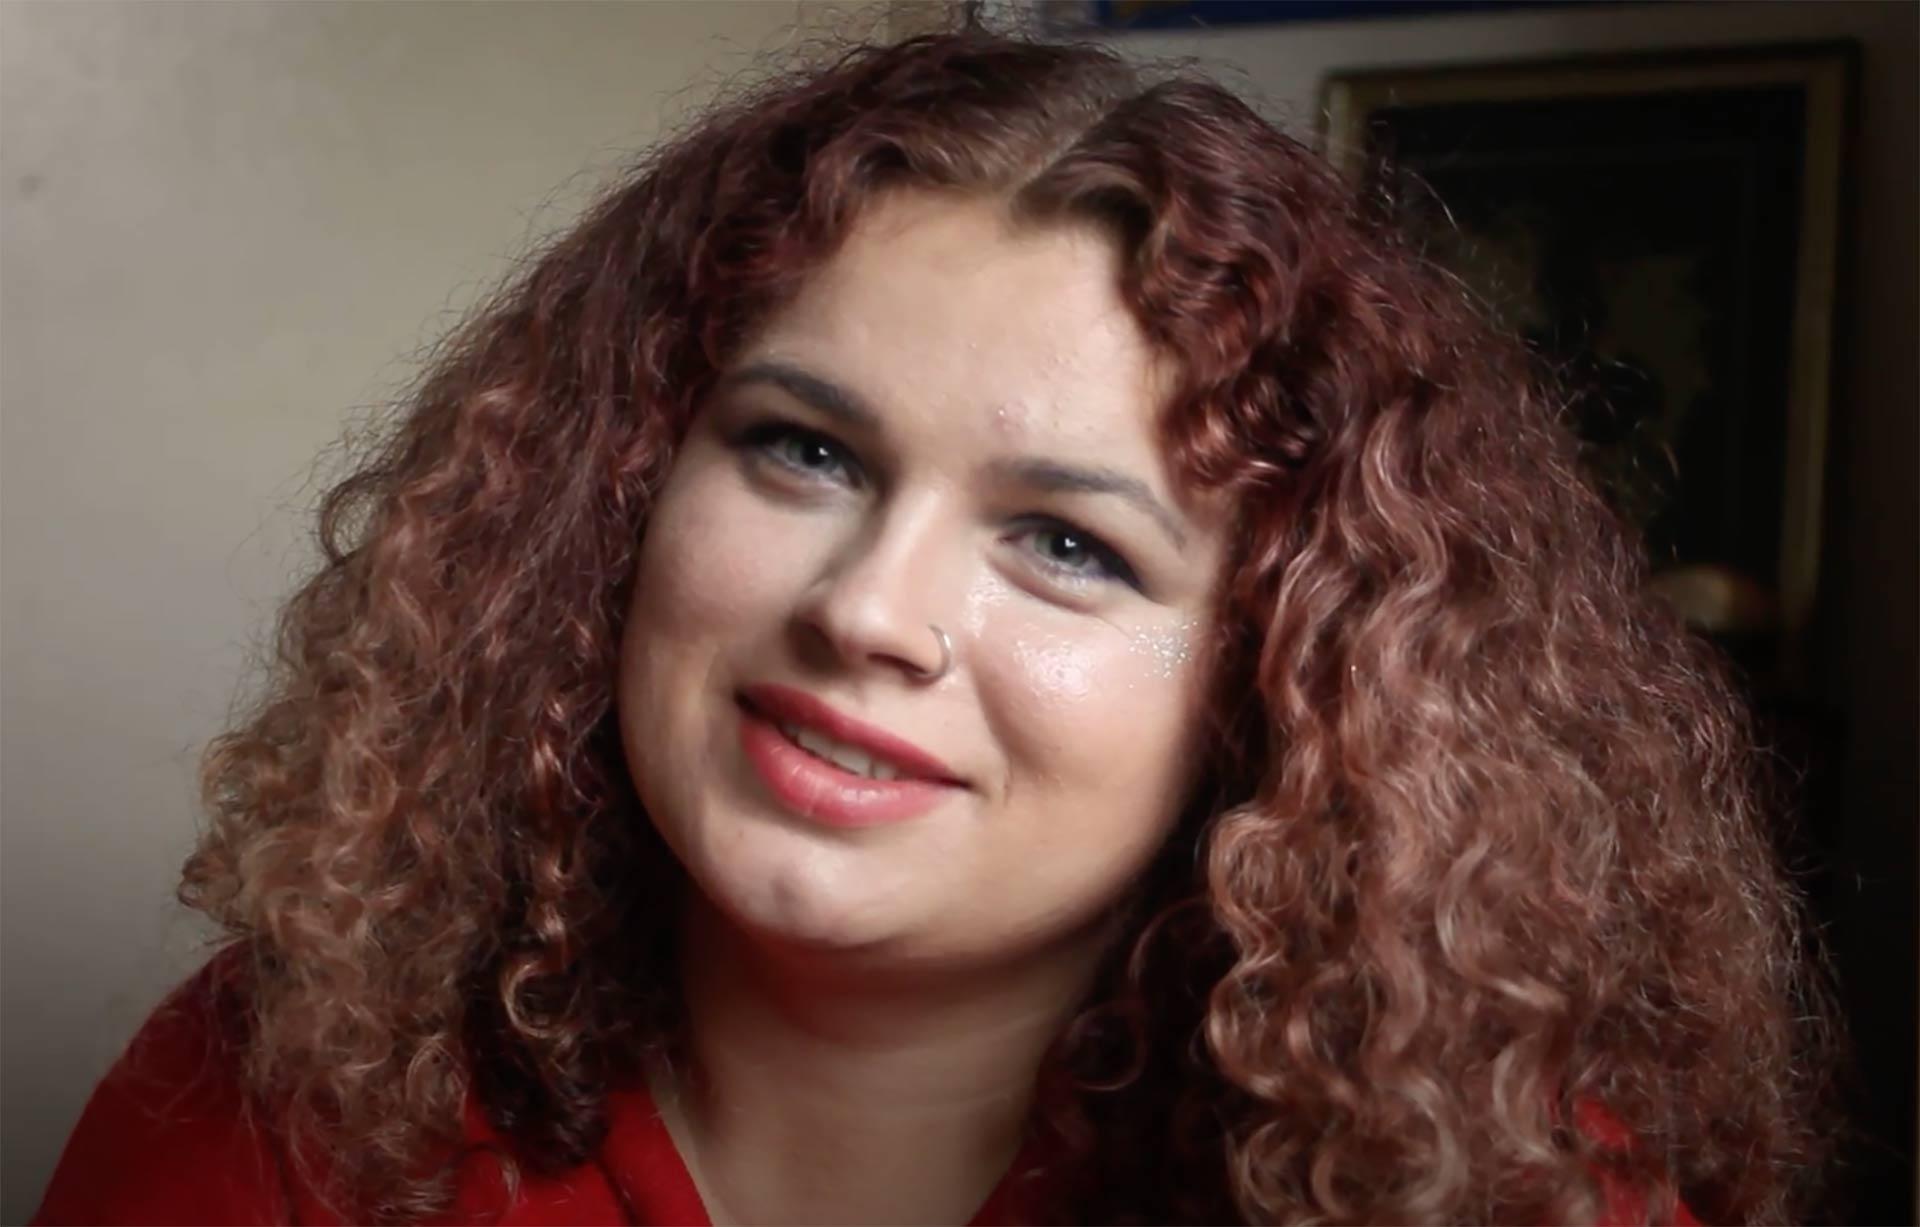 Young woman survivor